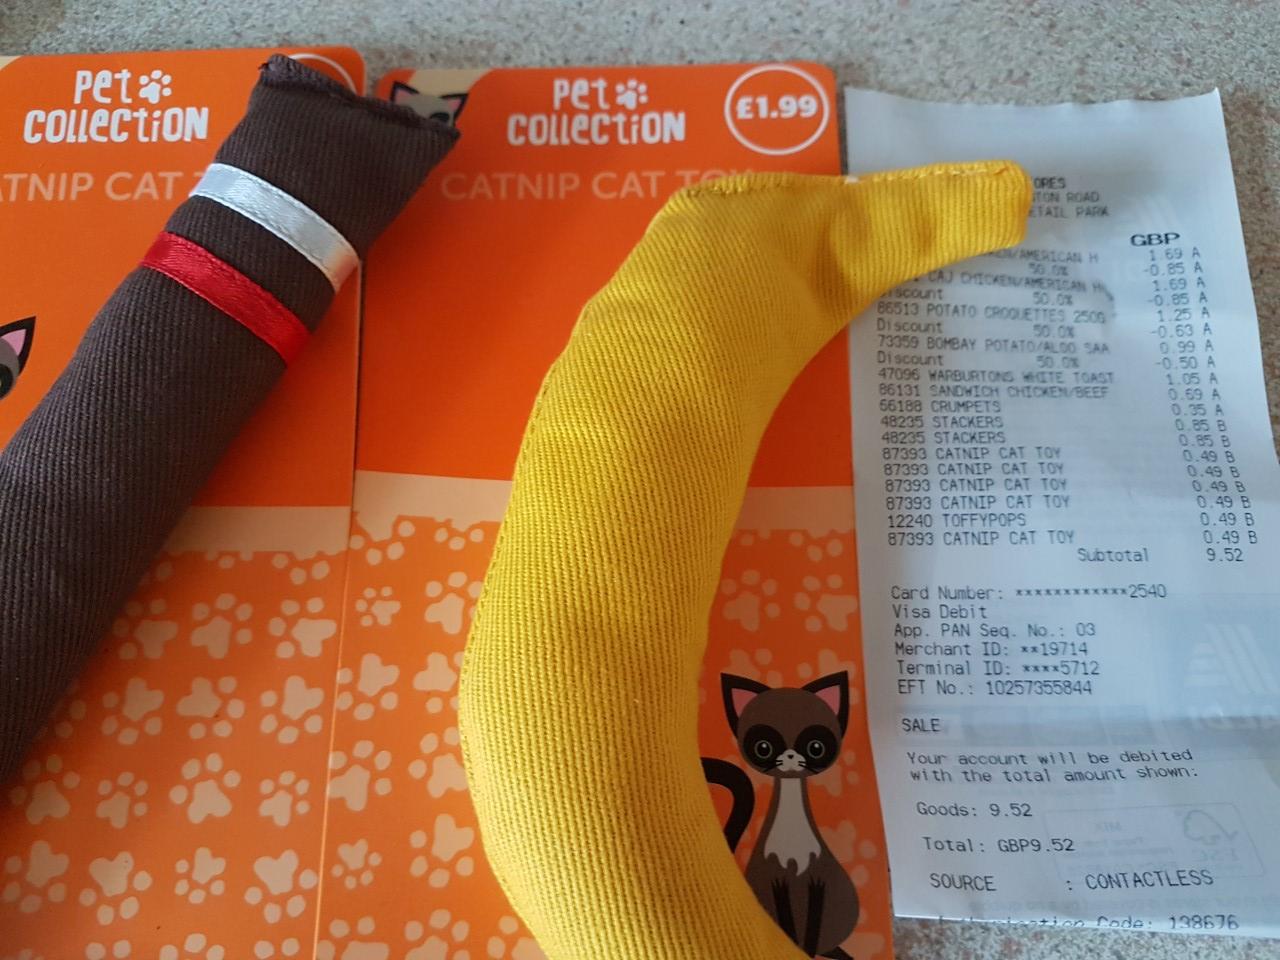 cat nip cat toy - 50p instore @ ALDI (Coventry)